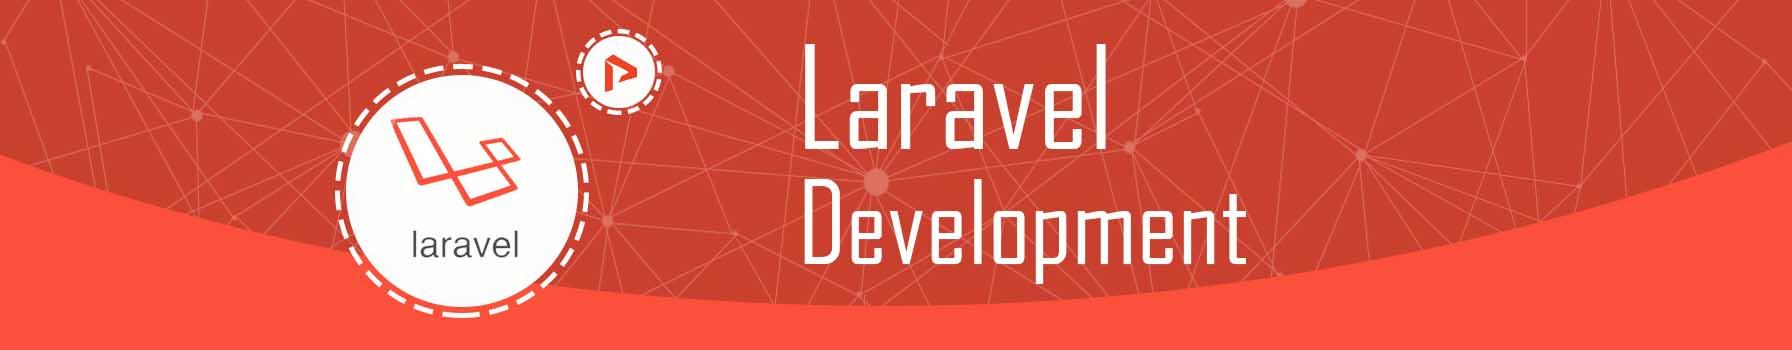 laravel-development.jpg